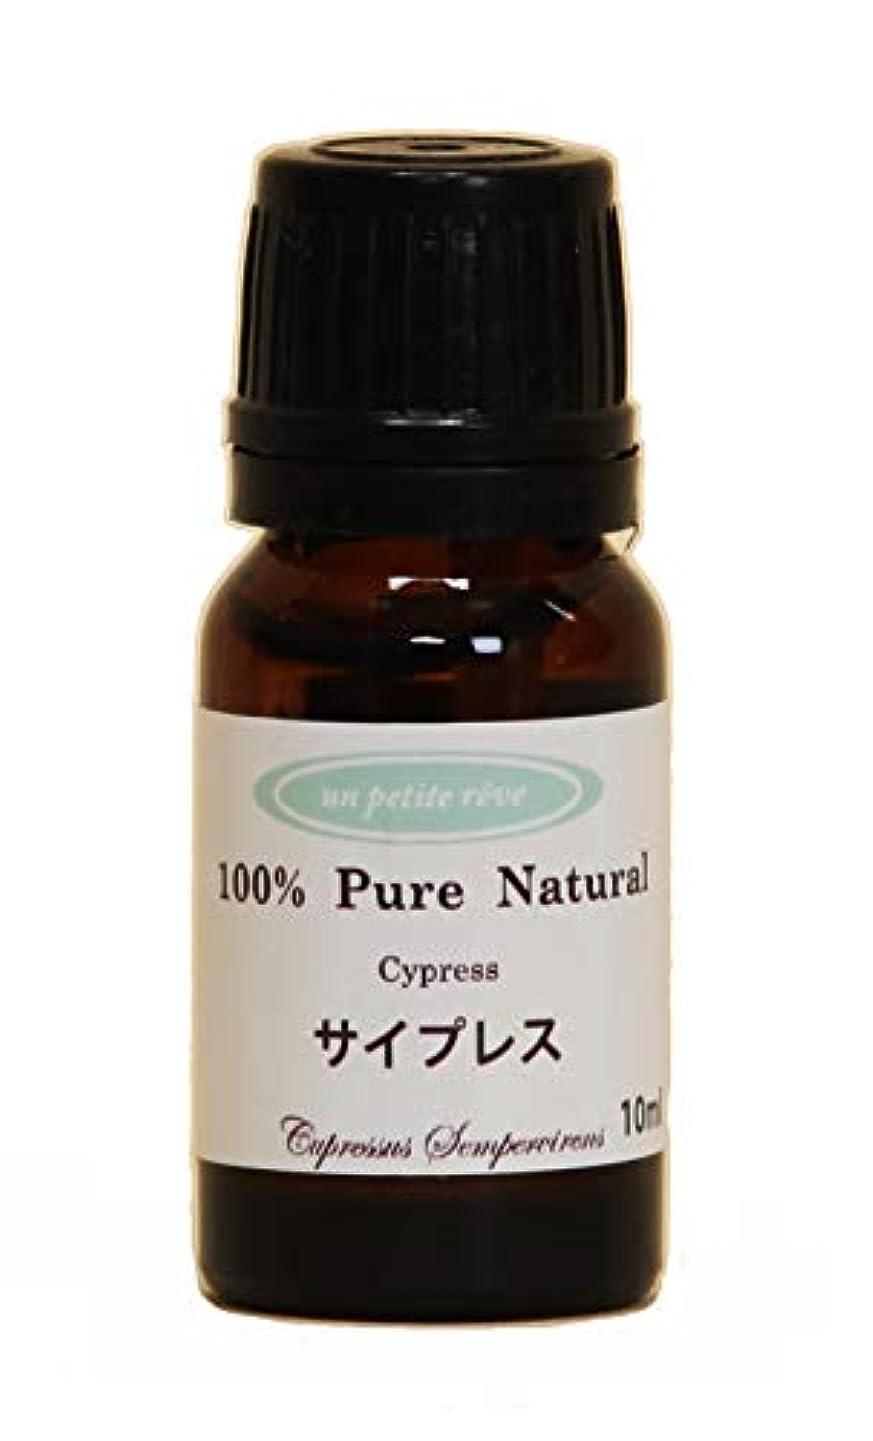 別れる制約リーチサイプレス 10ml 100%天然アロマエッセンシャルオイル(精油)